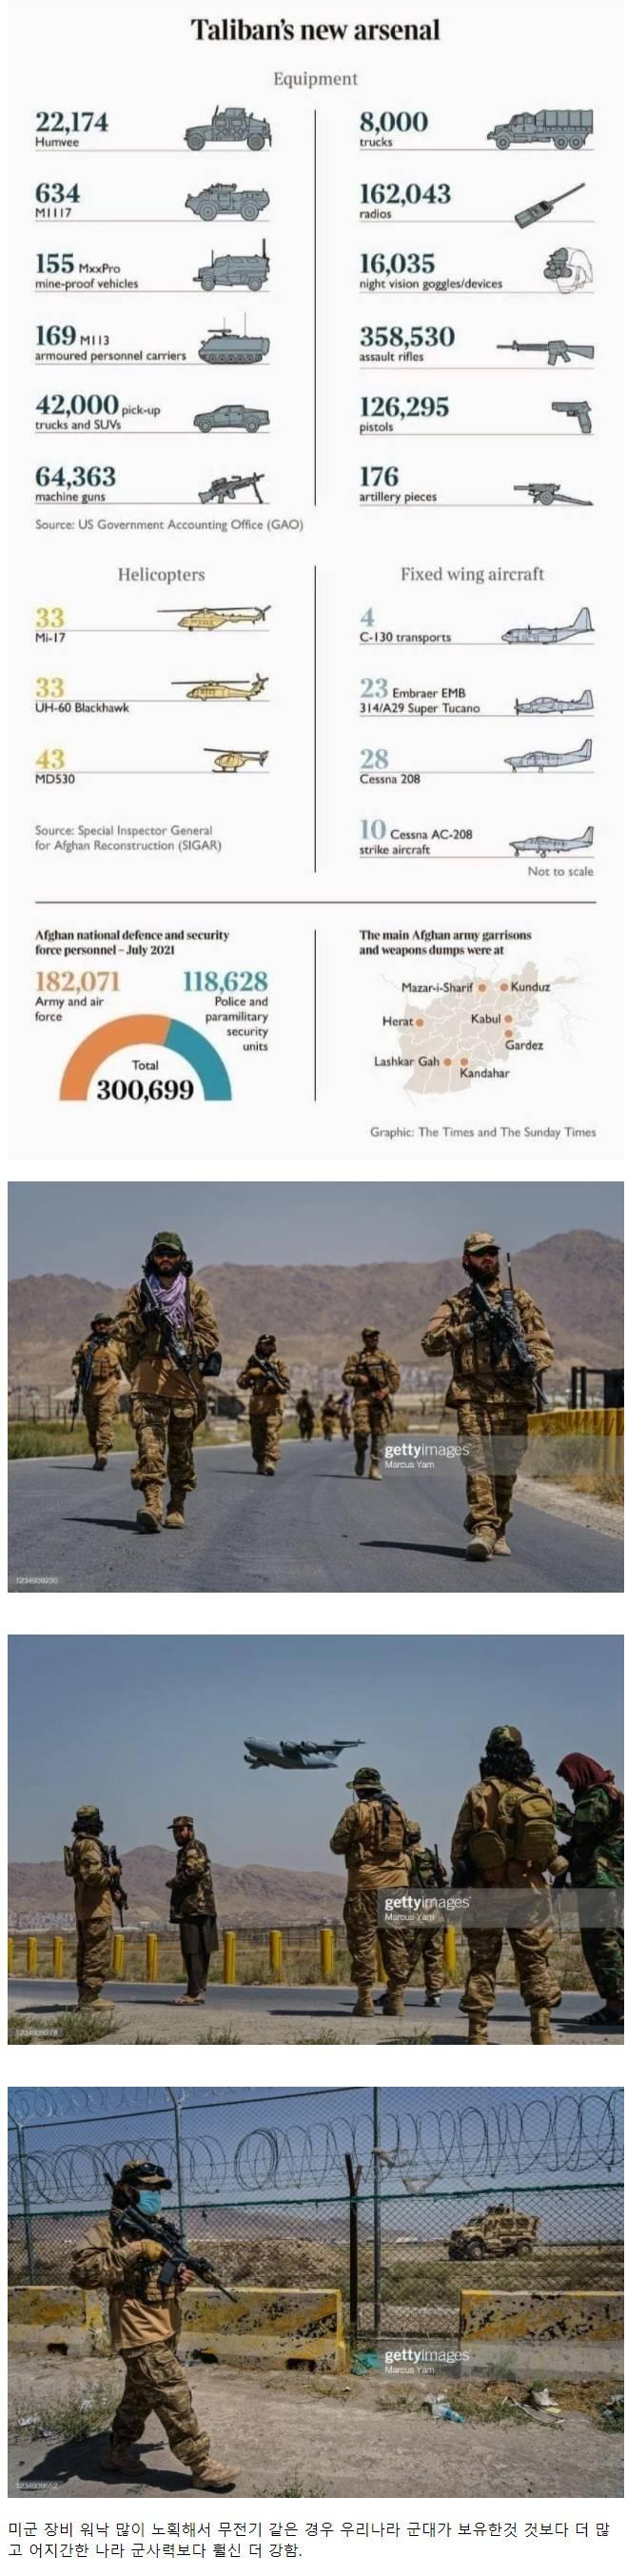 탈레반이 획득한 군사장비